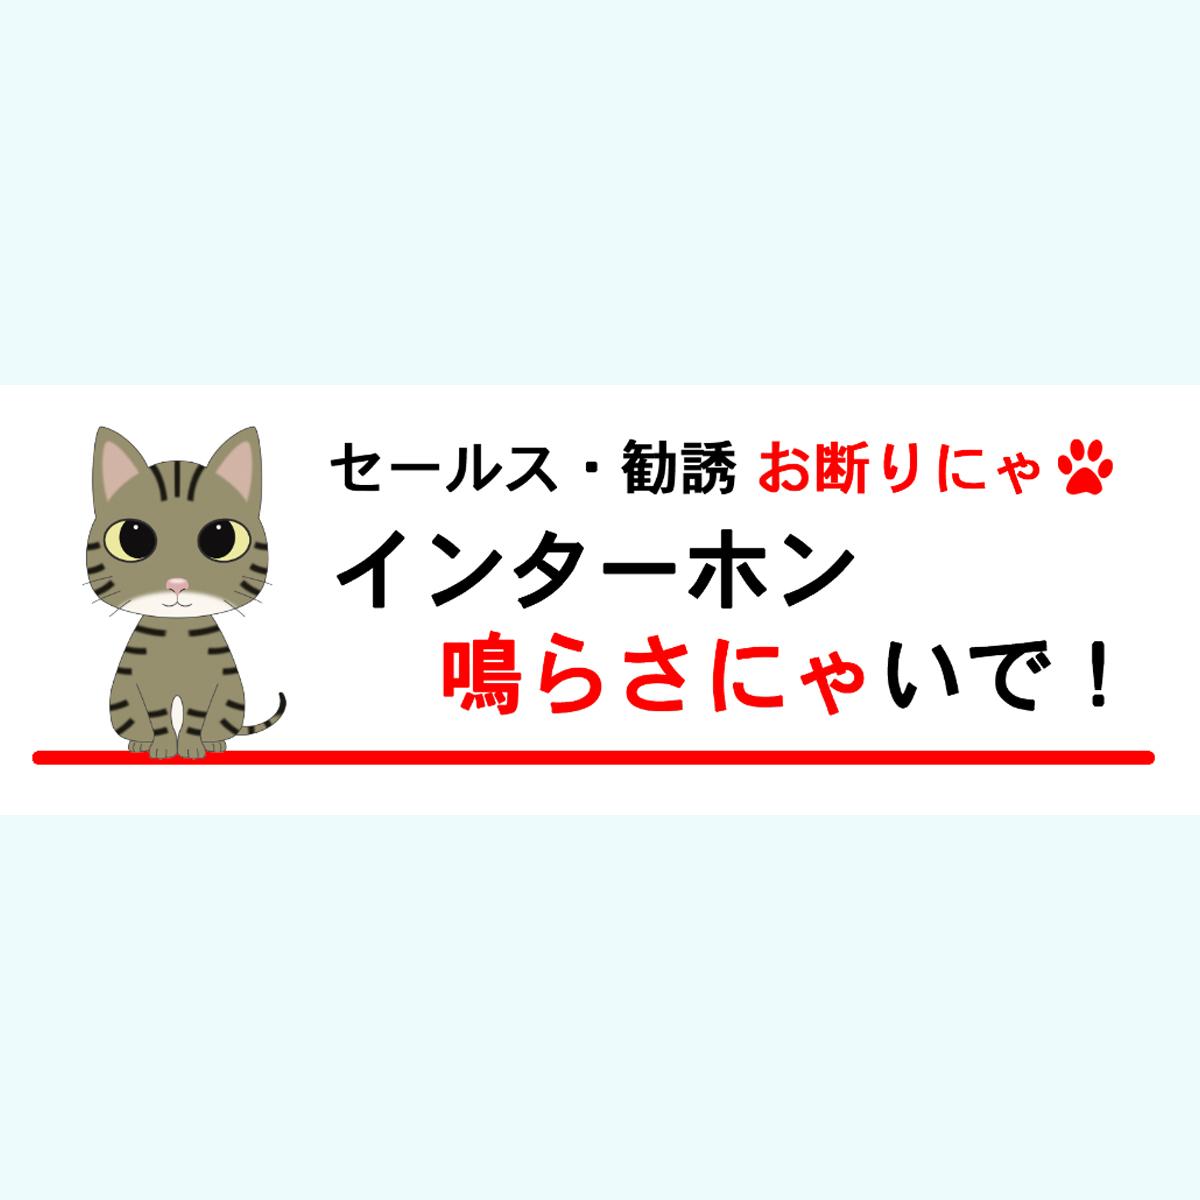 セールスお断り猫ステッカー キジ猫 送料無料お手入れ要らず 横型 縦型 猫 迷惑防止 シール お役立ち 予約販売品 ステッカー